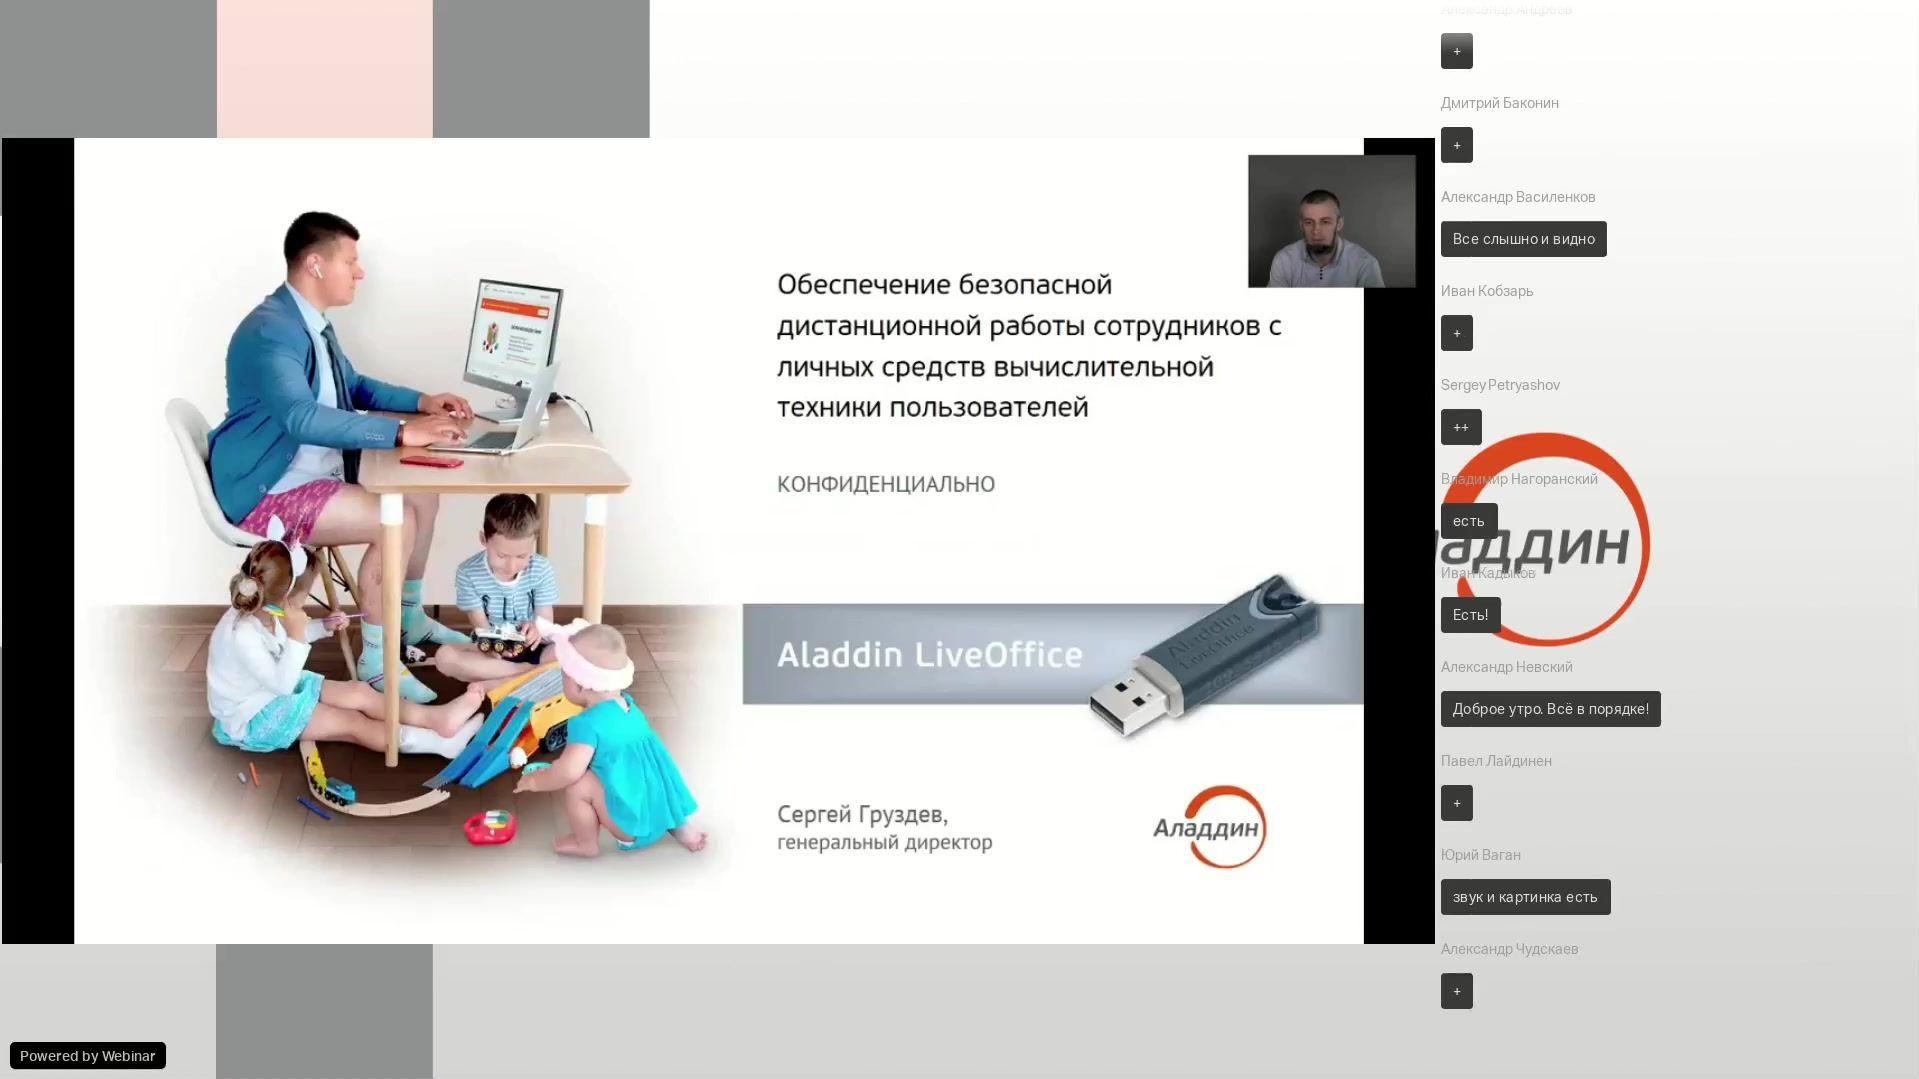 Aladdin LiveOffice – решение для безопасной дистанционной работы с безопасным подключением к ГИС